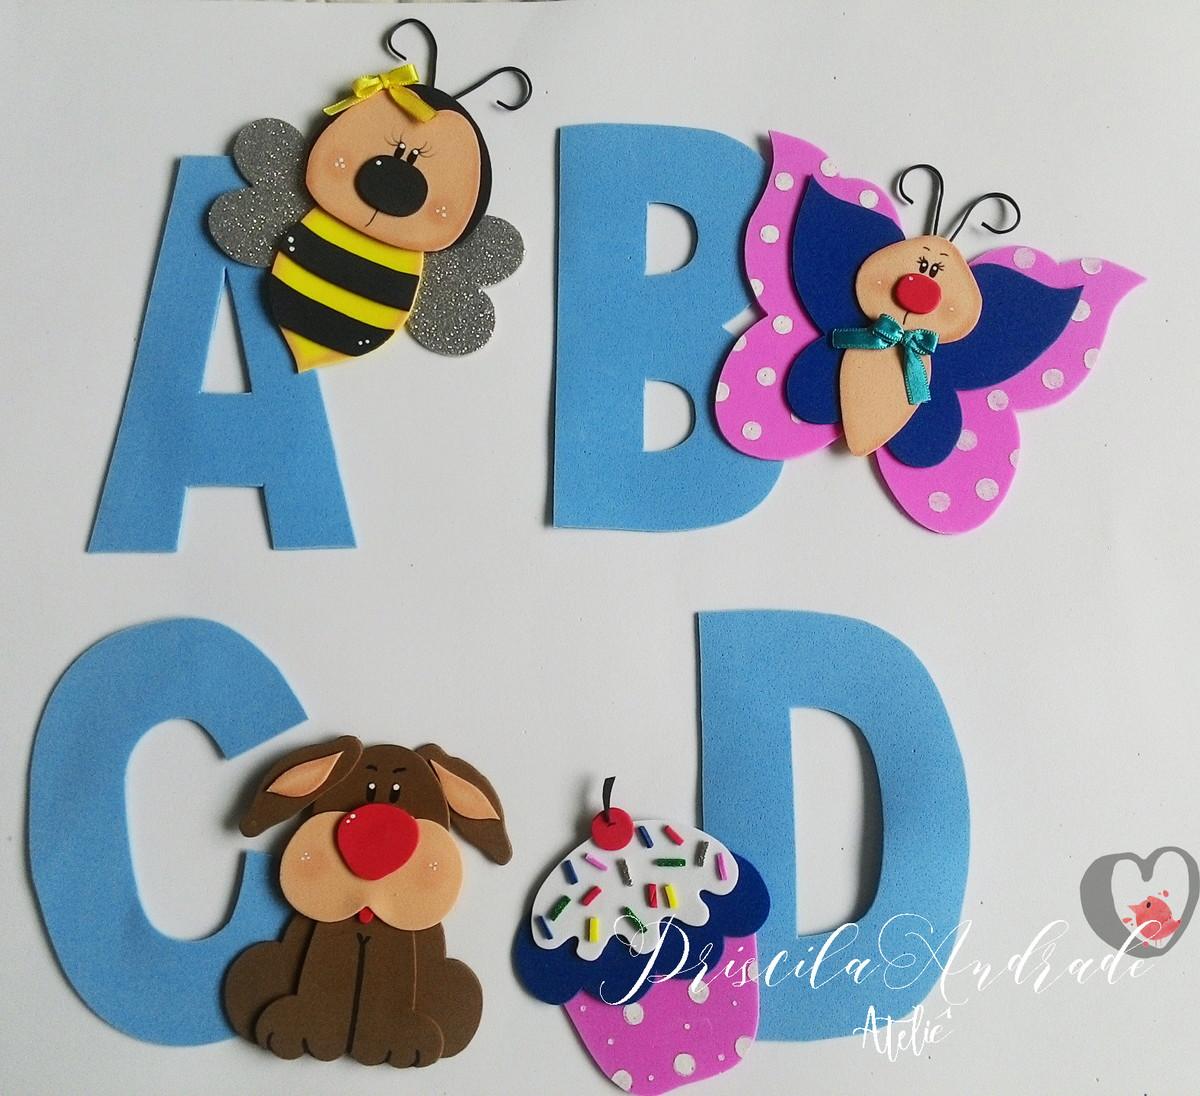 Alfabeto Ilustrado De A A Z Em Eva No Elo7 Priscila Andrade Ateli  -> Desenhos Para Alfabeto Ilustrado